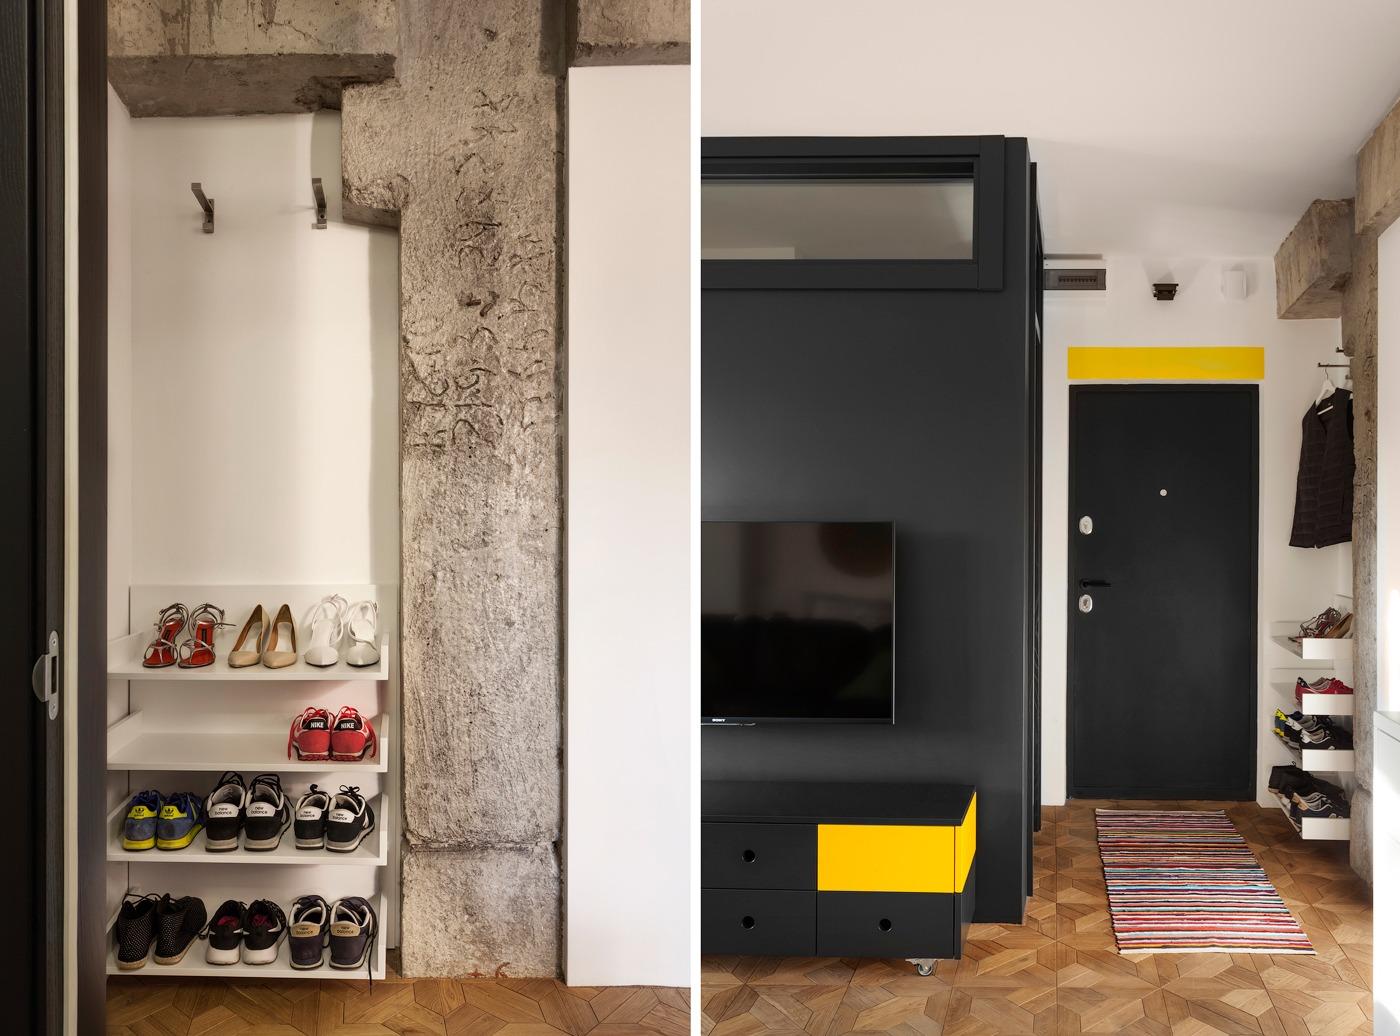 Оформление маленькой квартиры студии в чёрно-белом цвете - фото 6